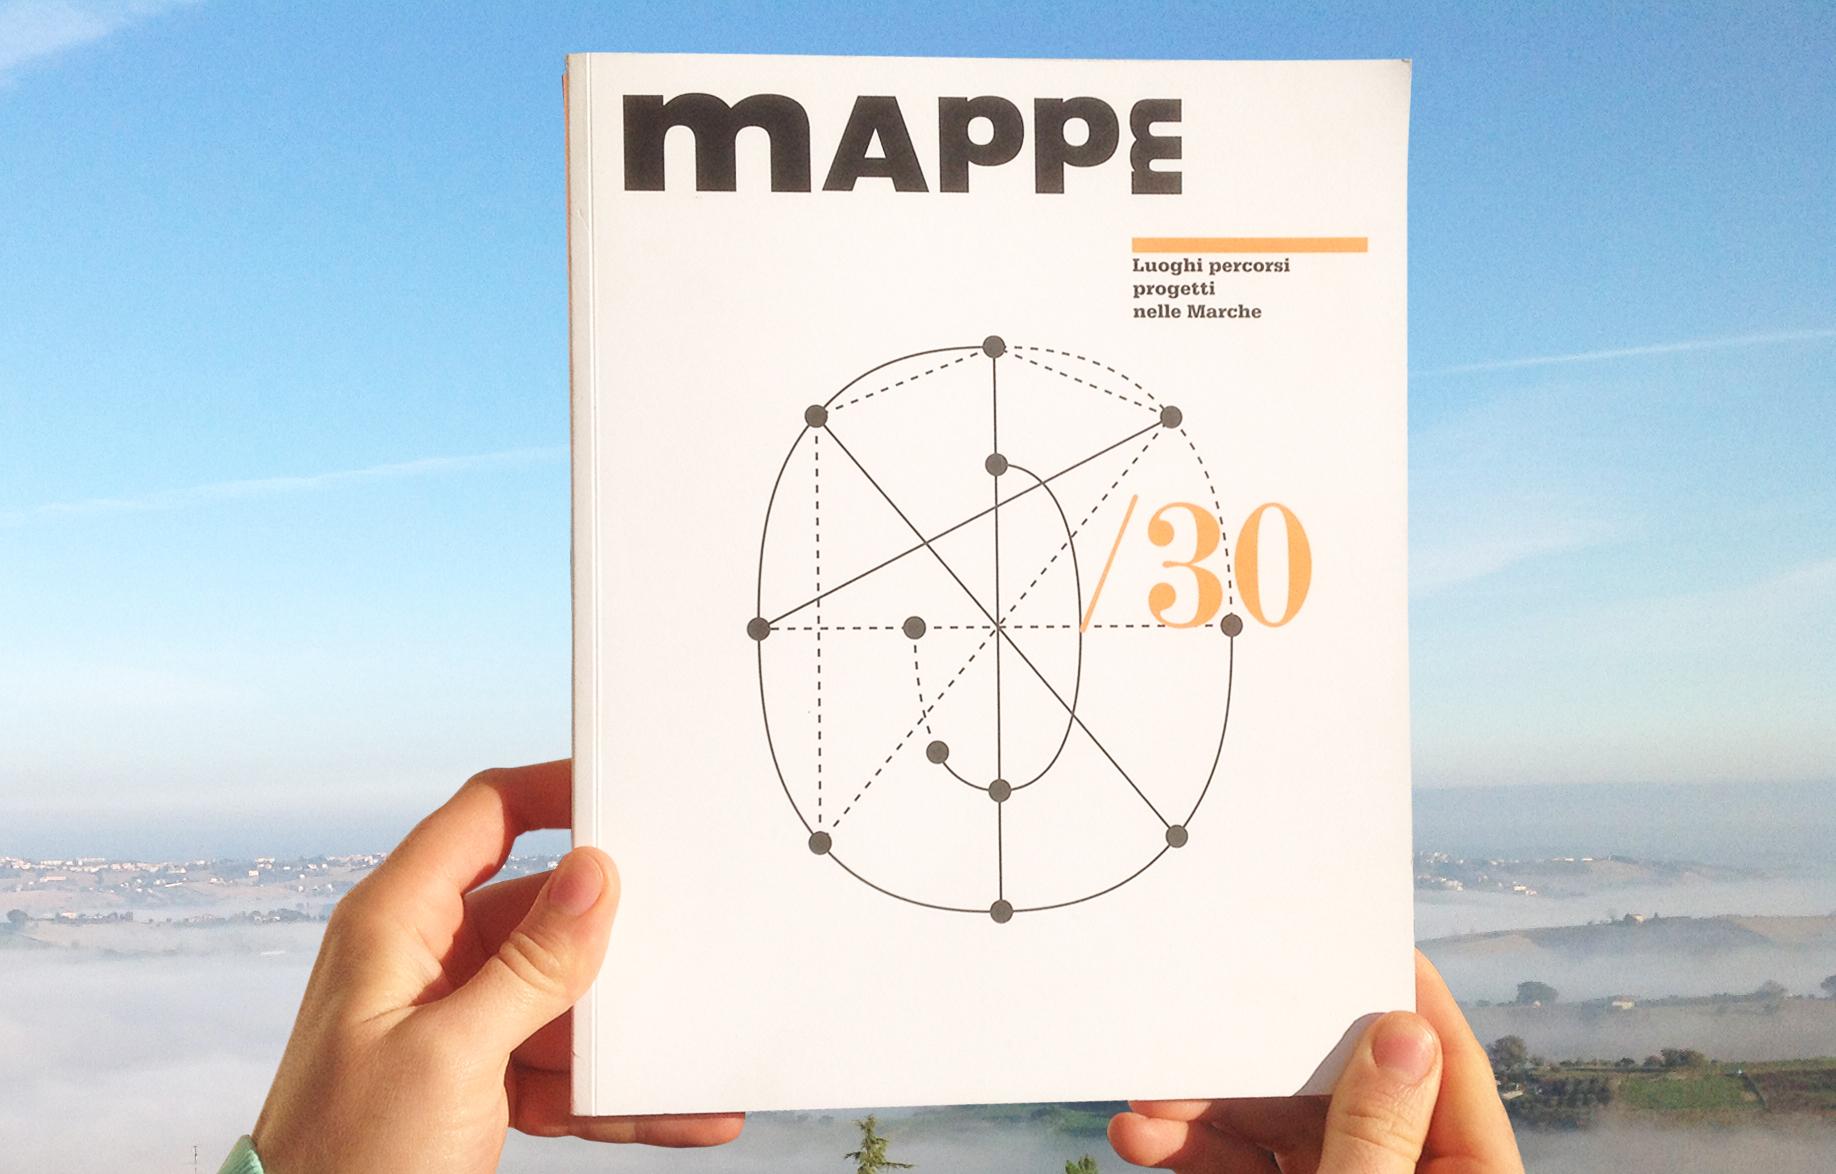 Mappe publication 1